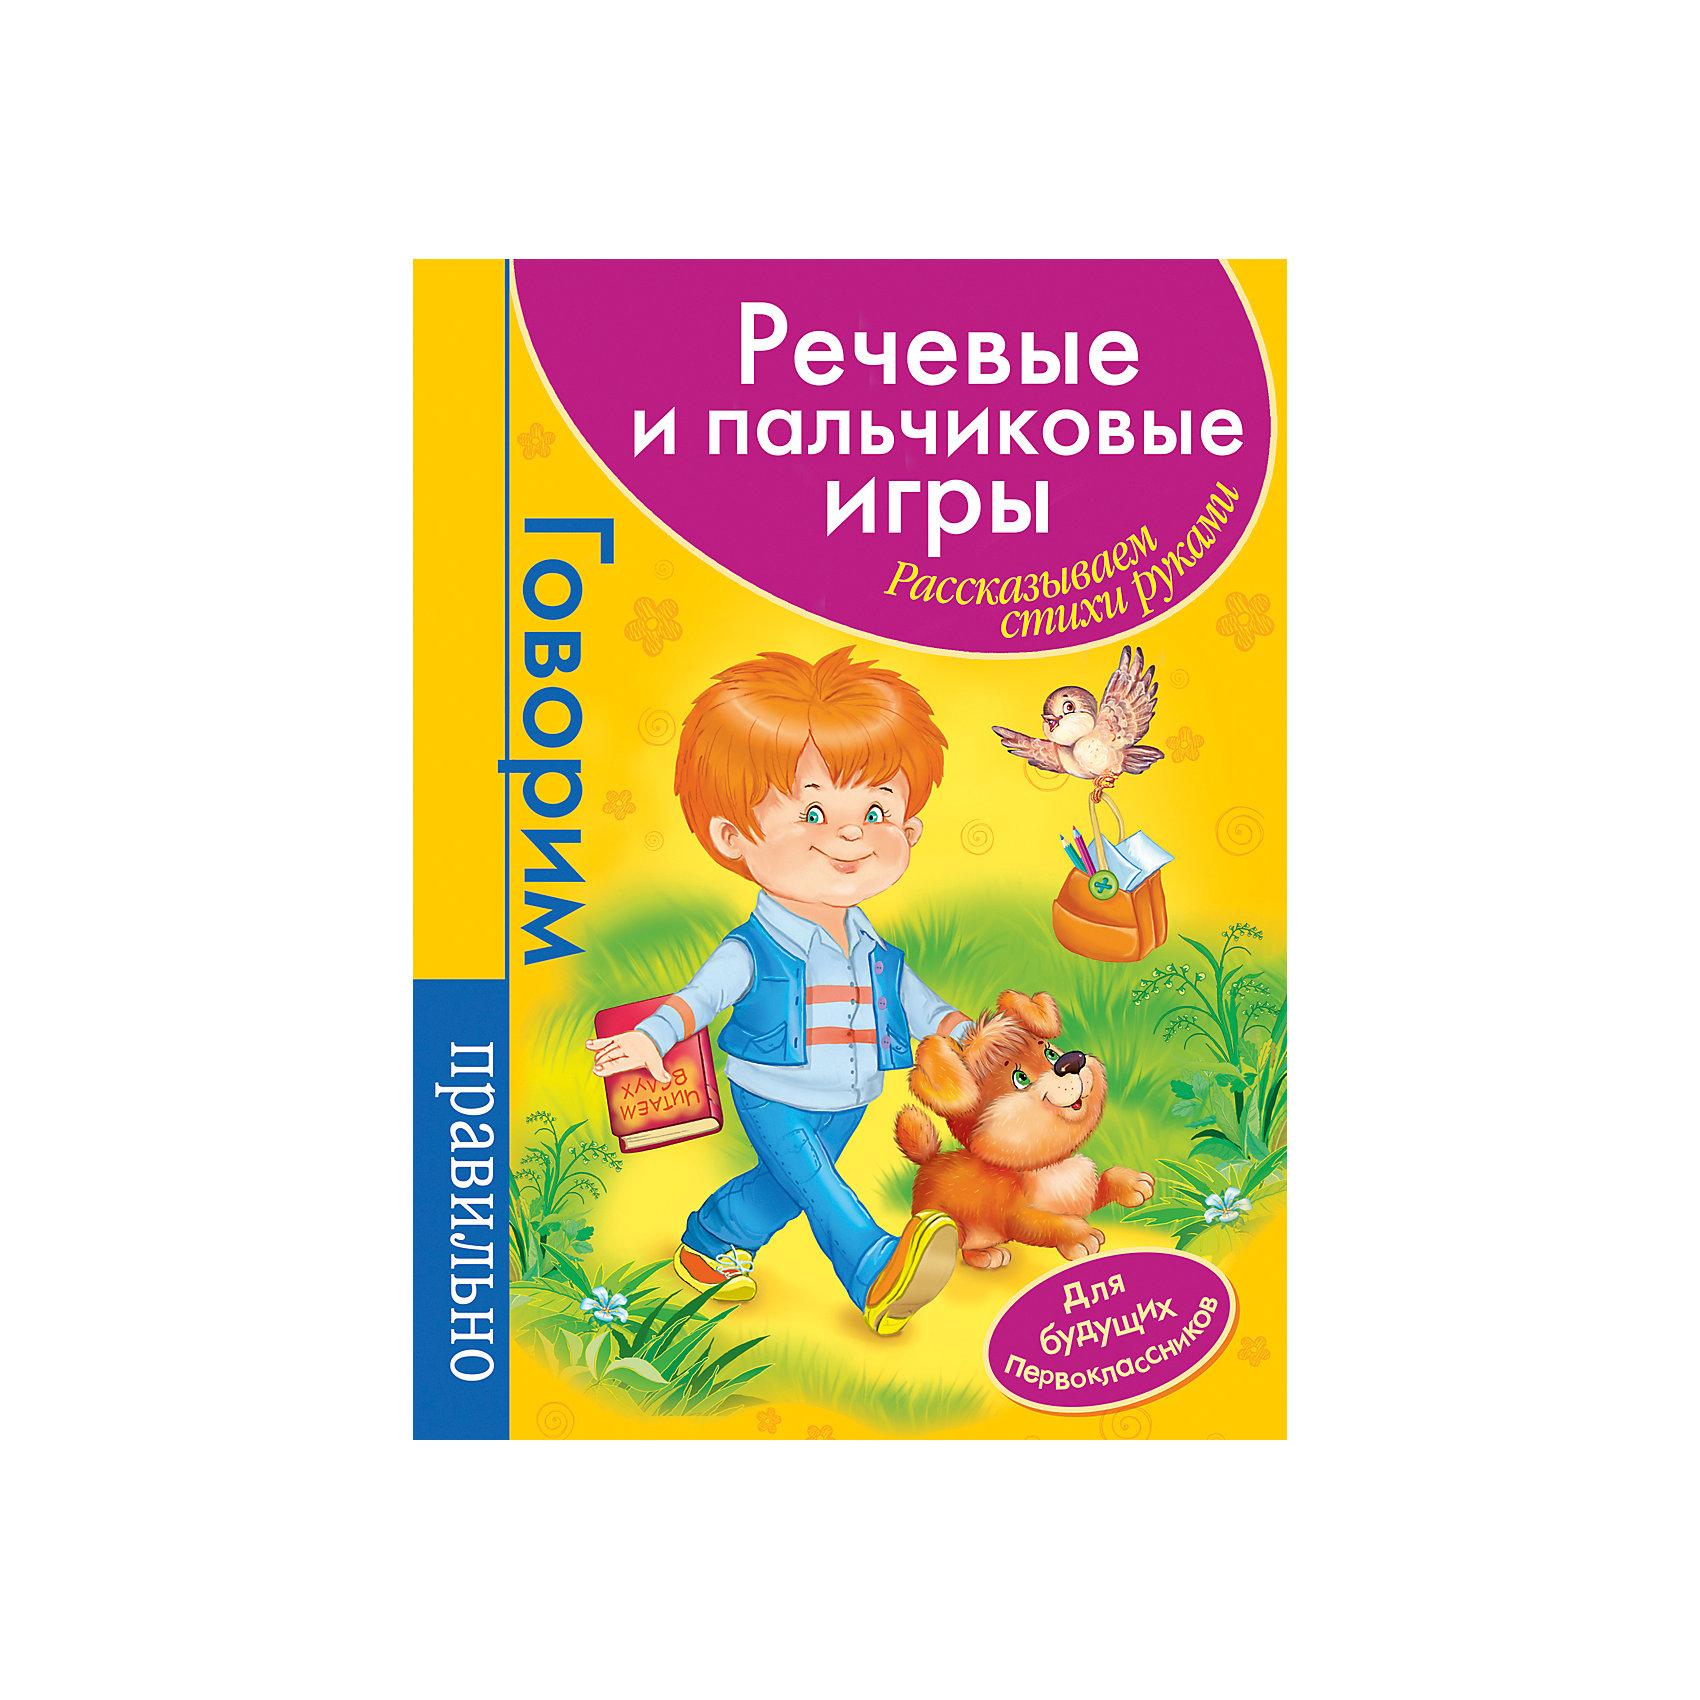 Речевые и пальчиковые игры для будущих первоклассников (малиновая)